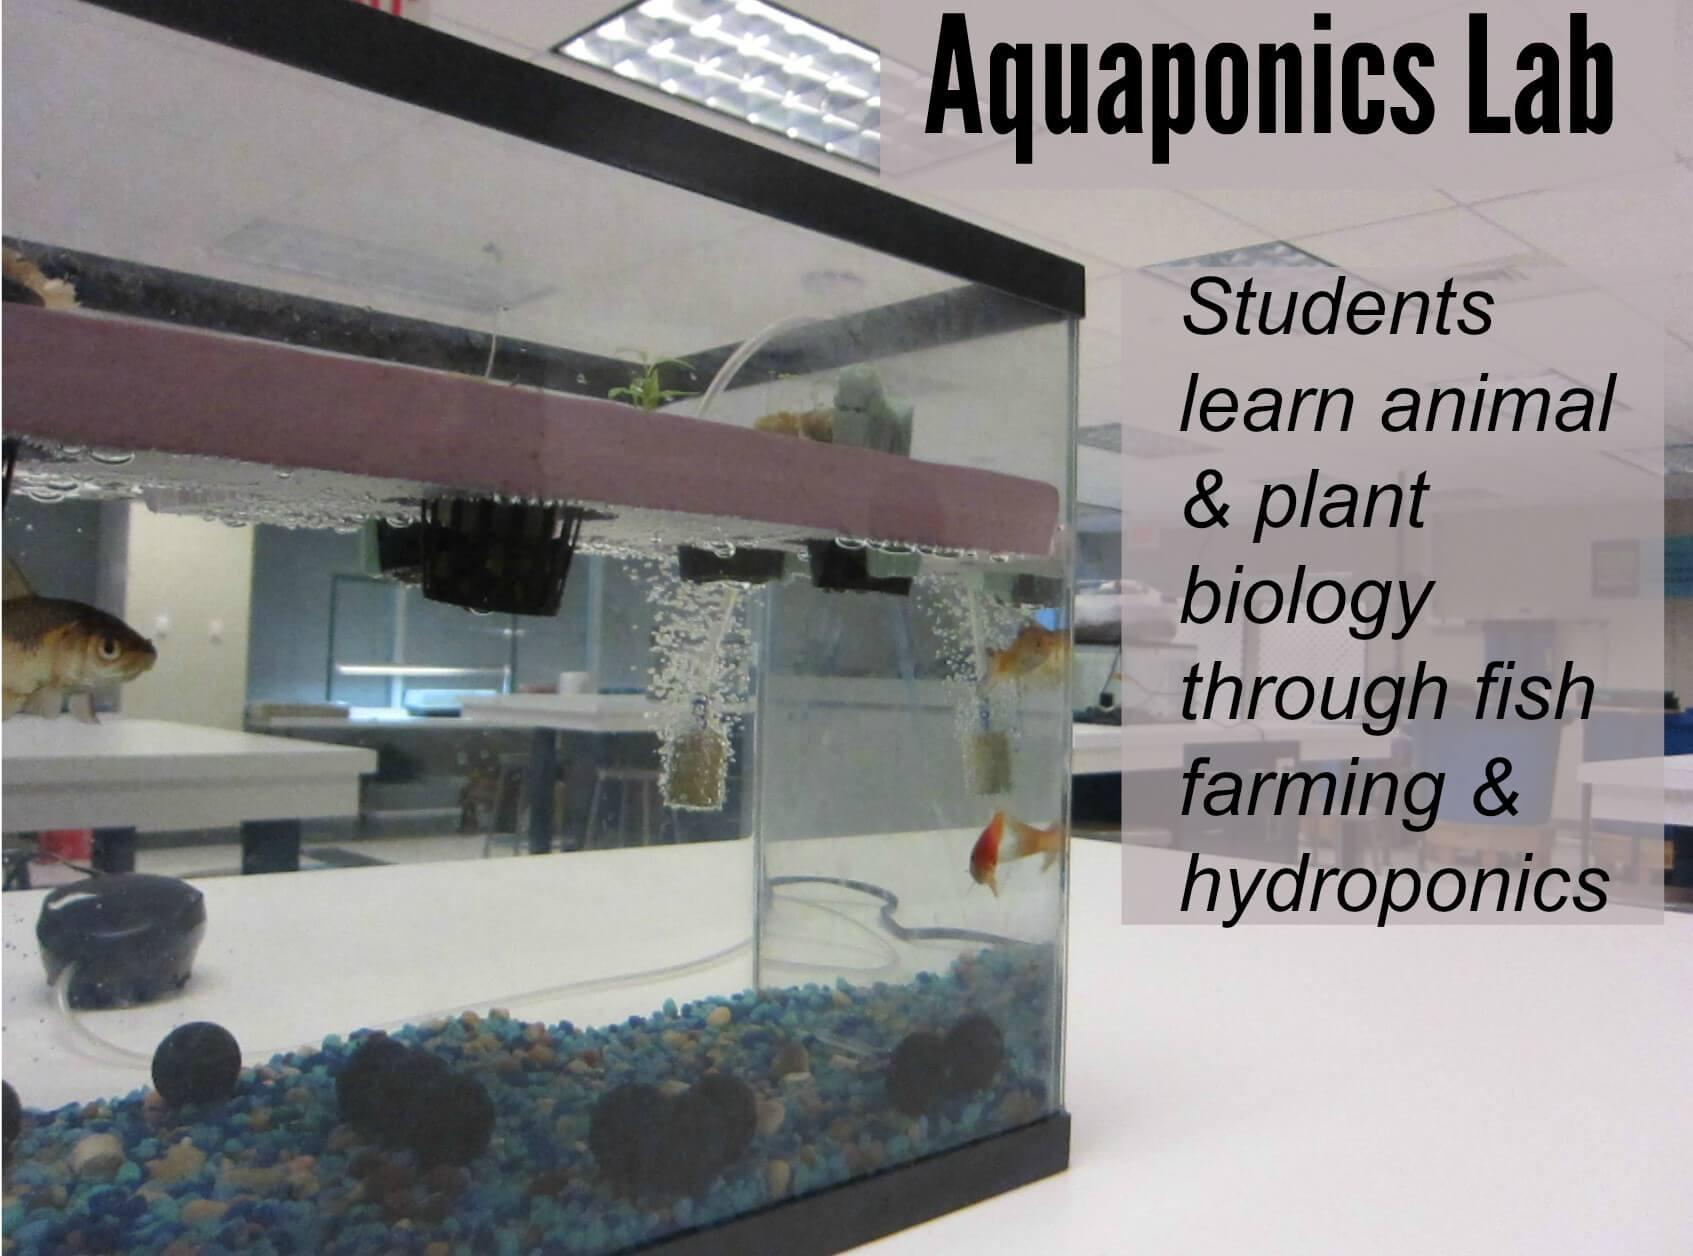 East Falls Local 1-12 aquaponics text